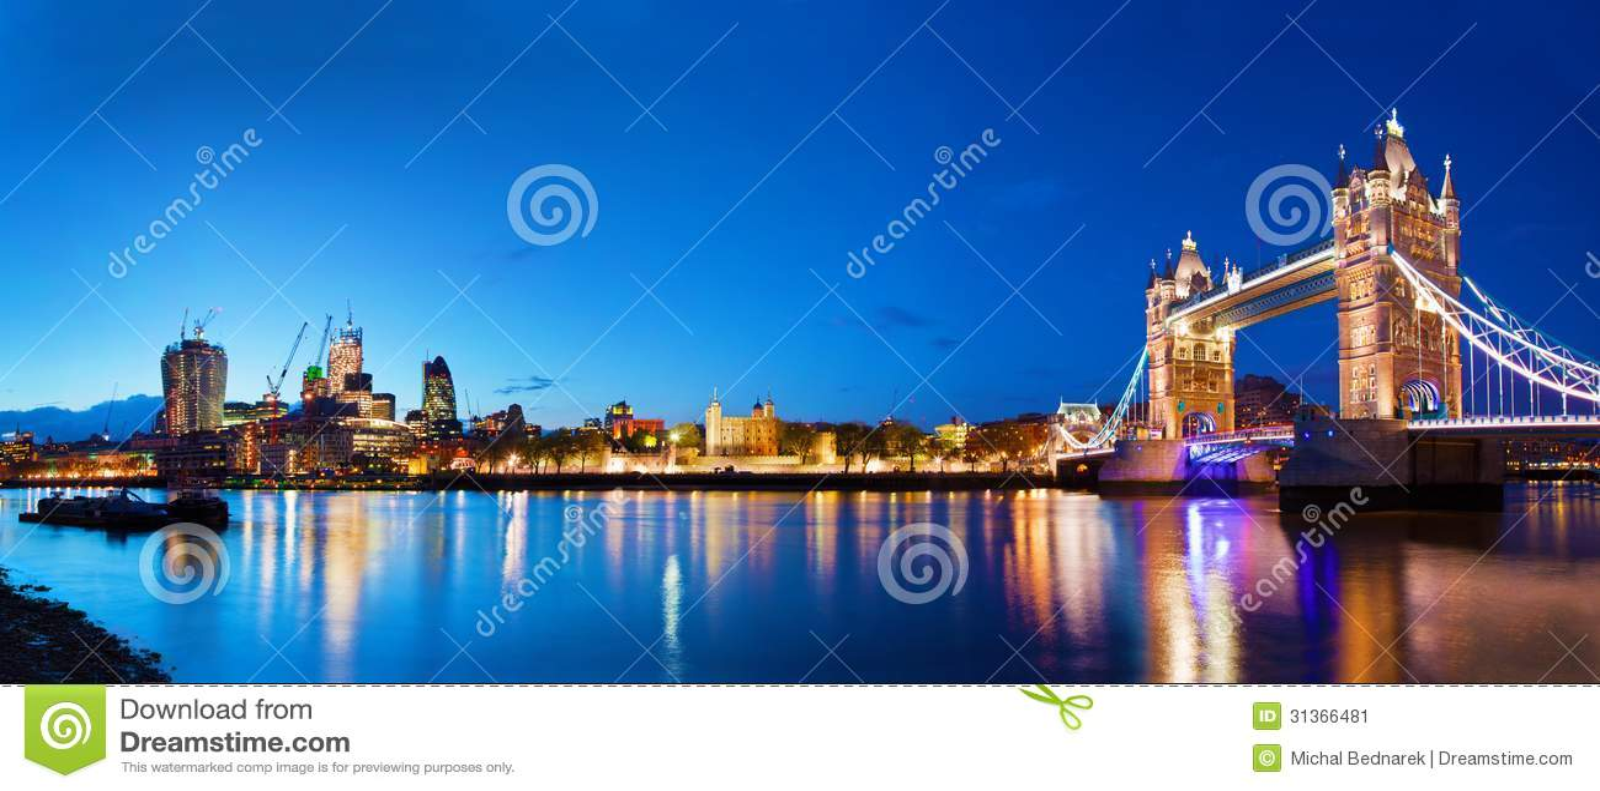 Torenbrug in Londen, het UK bij nacht